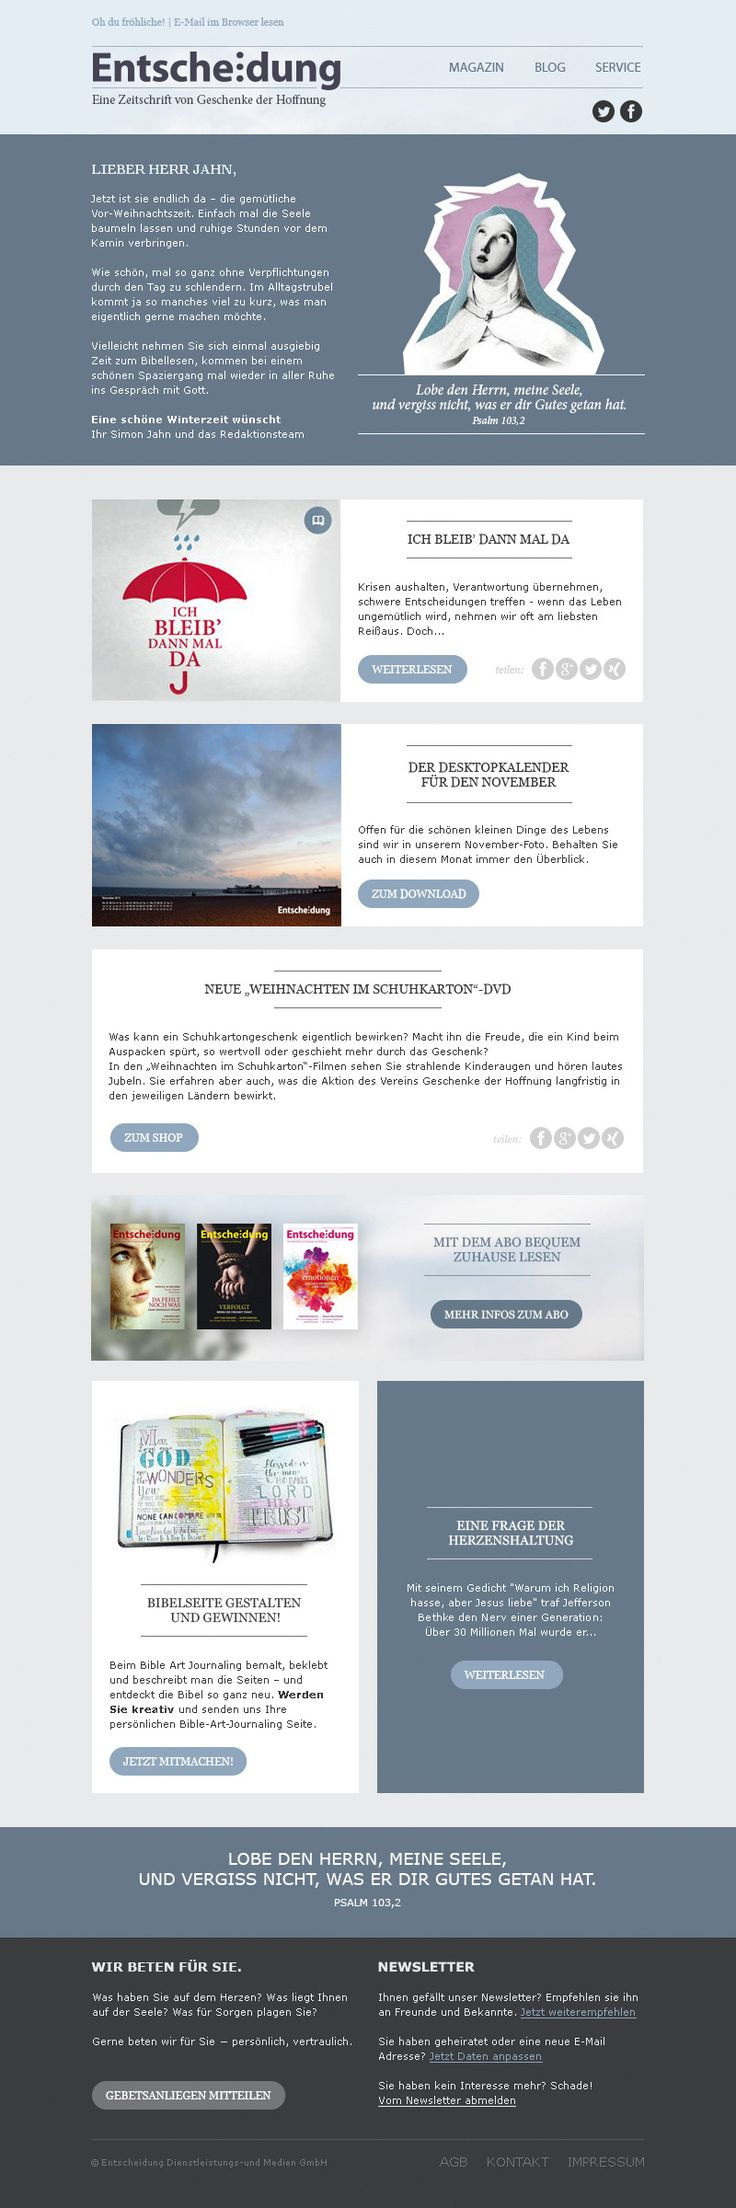 """Das Themenspektrum unserer Kunden ist unwahrscheinlich breit und so entstand dieses #Newsletterdesign für eine Zeitschrift von """"Geschenke der Hoffnung"""".  #Email #Emailmarketing"""